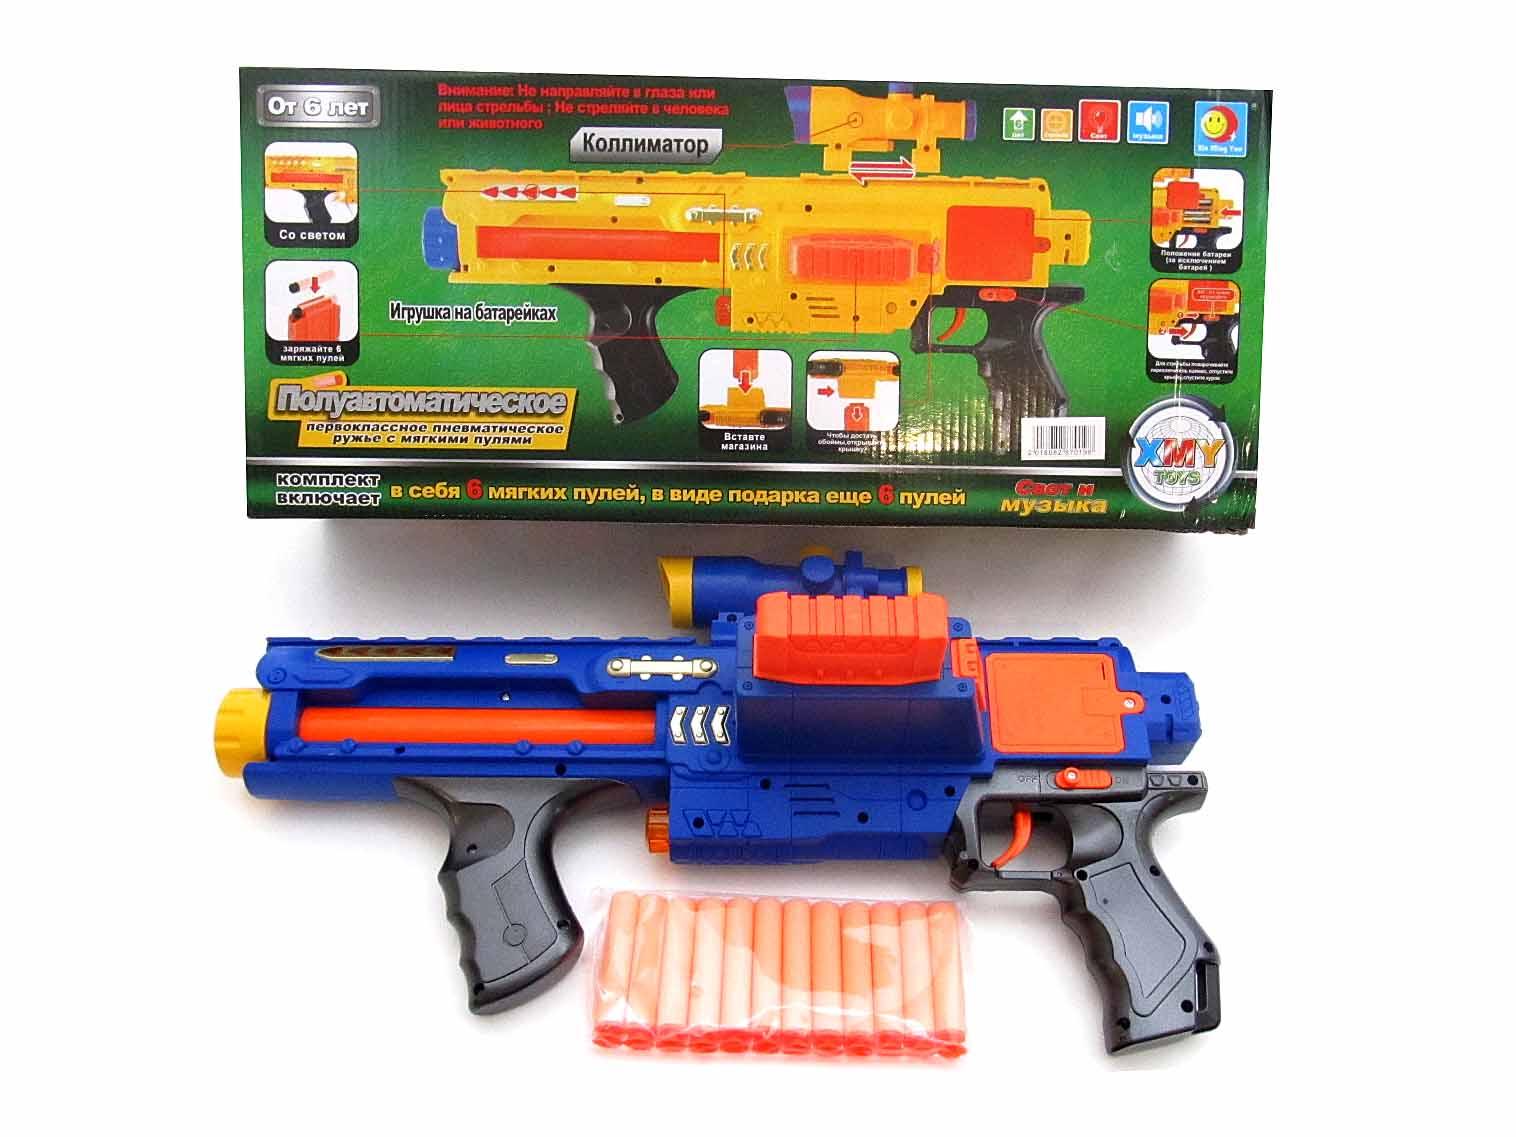 Автомат с мягкими пулями 7019